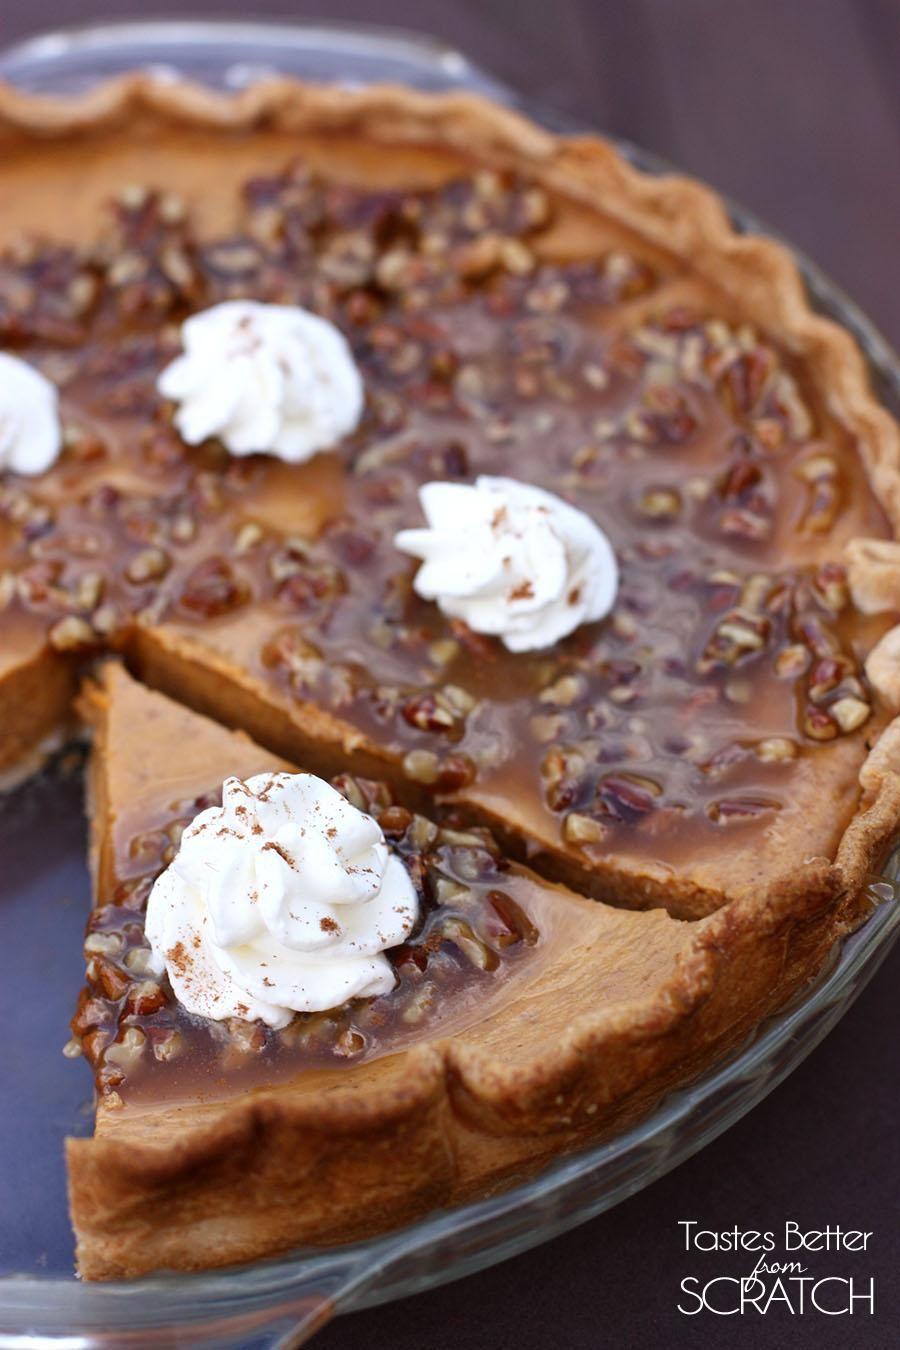 Pumpkin Pie with Pecan-Caramel Topping Pumpkin Pie with Pecan-Caramel Topping new pics